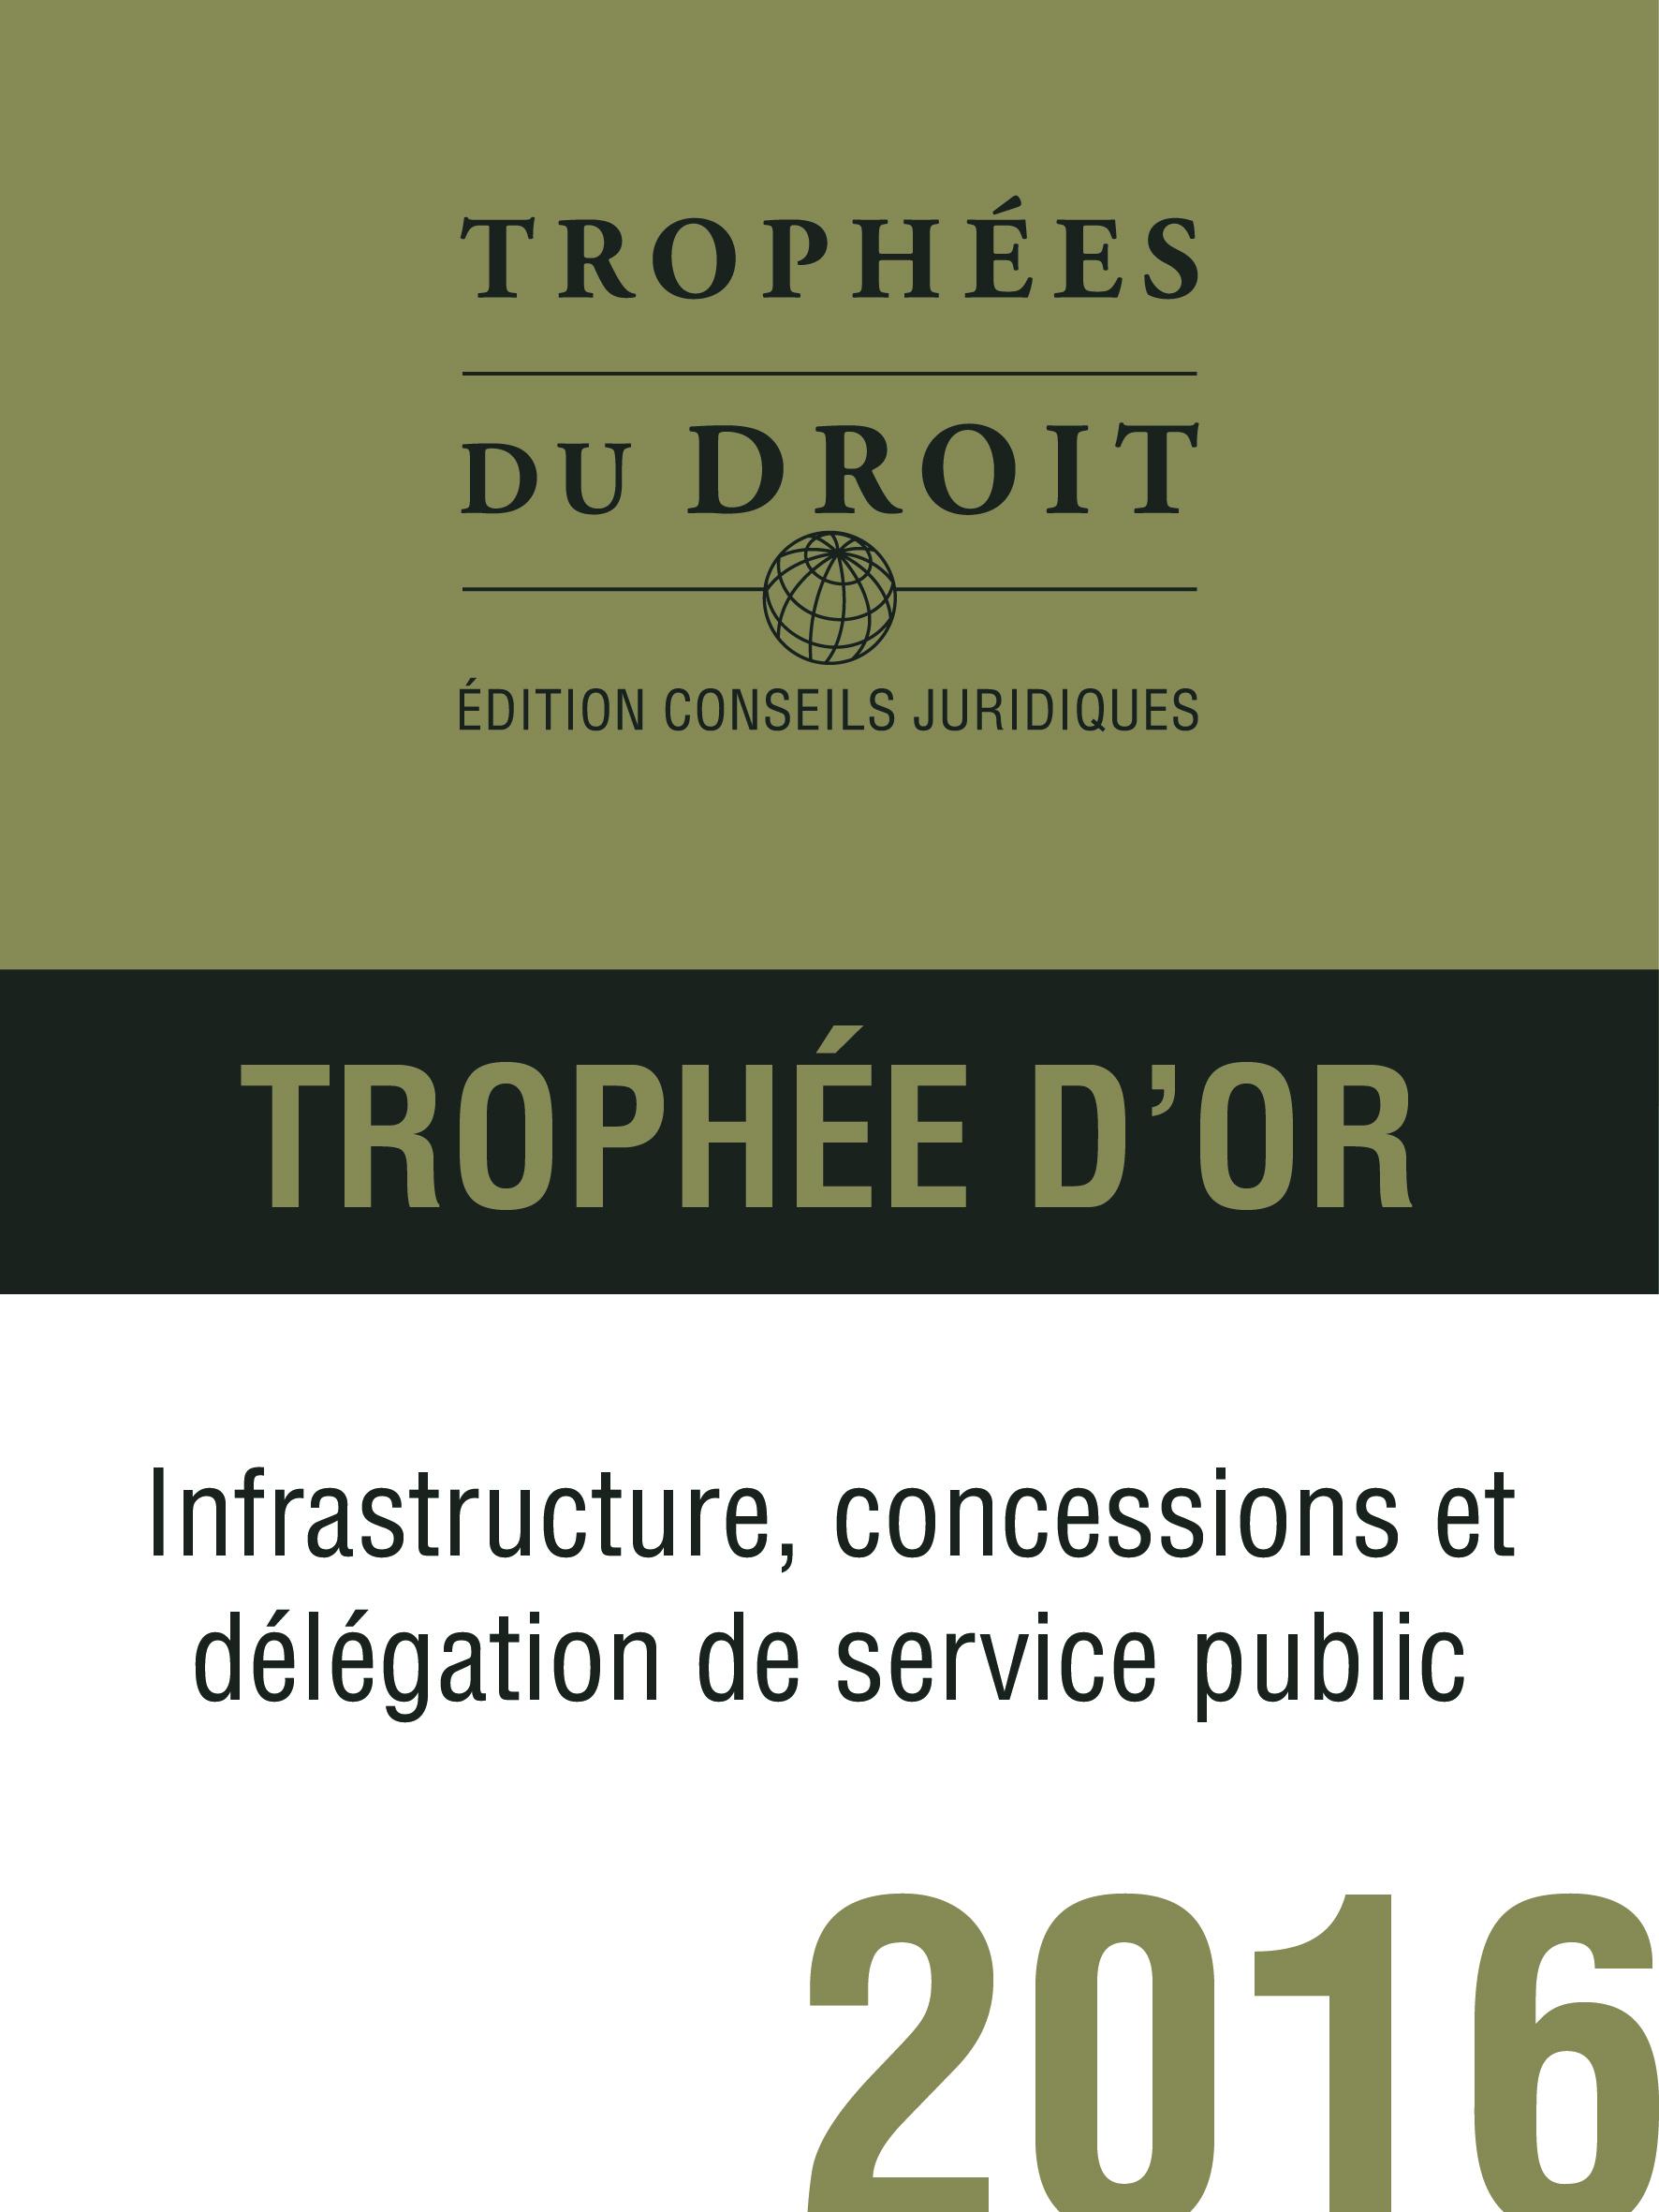 http://www.de-pardieu.com/wp-content/uploads/2016/03/Trophee_Or_Infra-concessions-2016.jpg